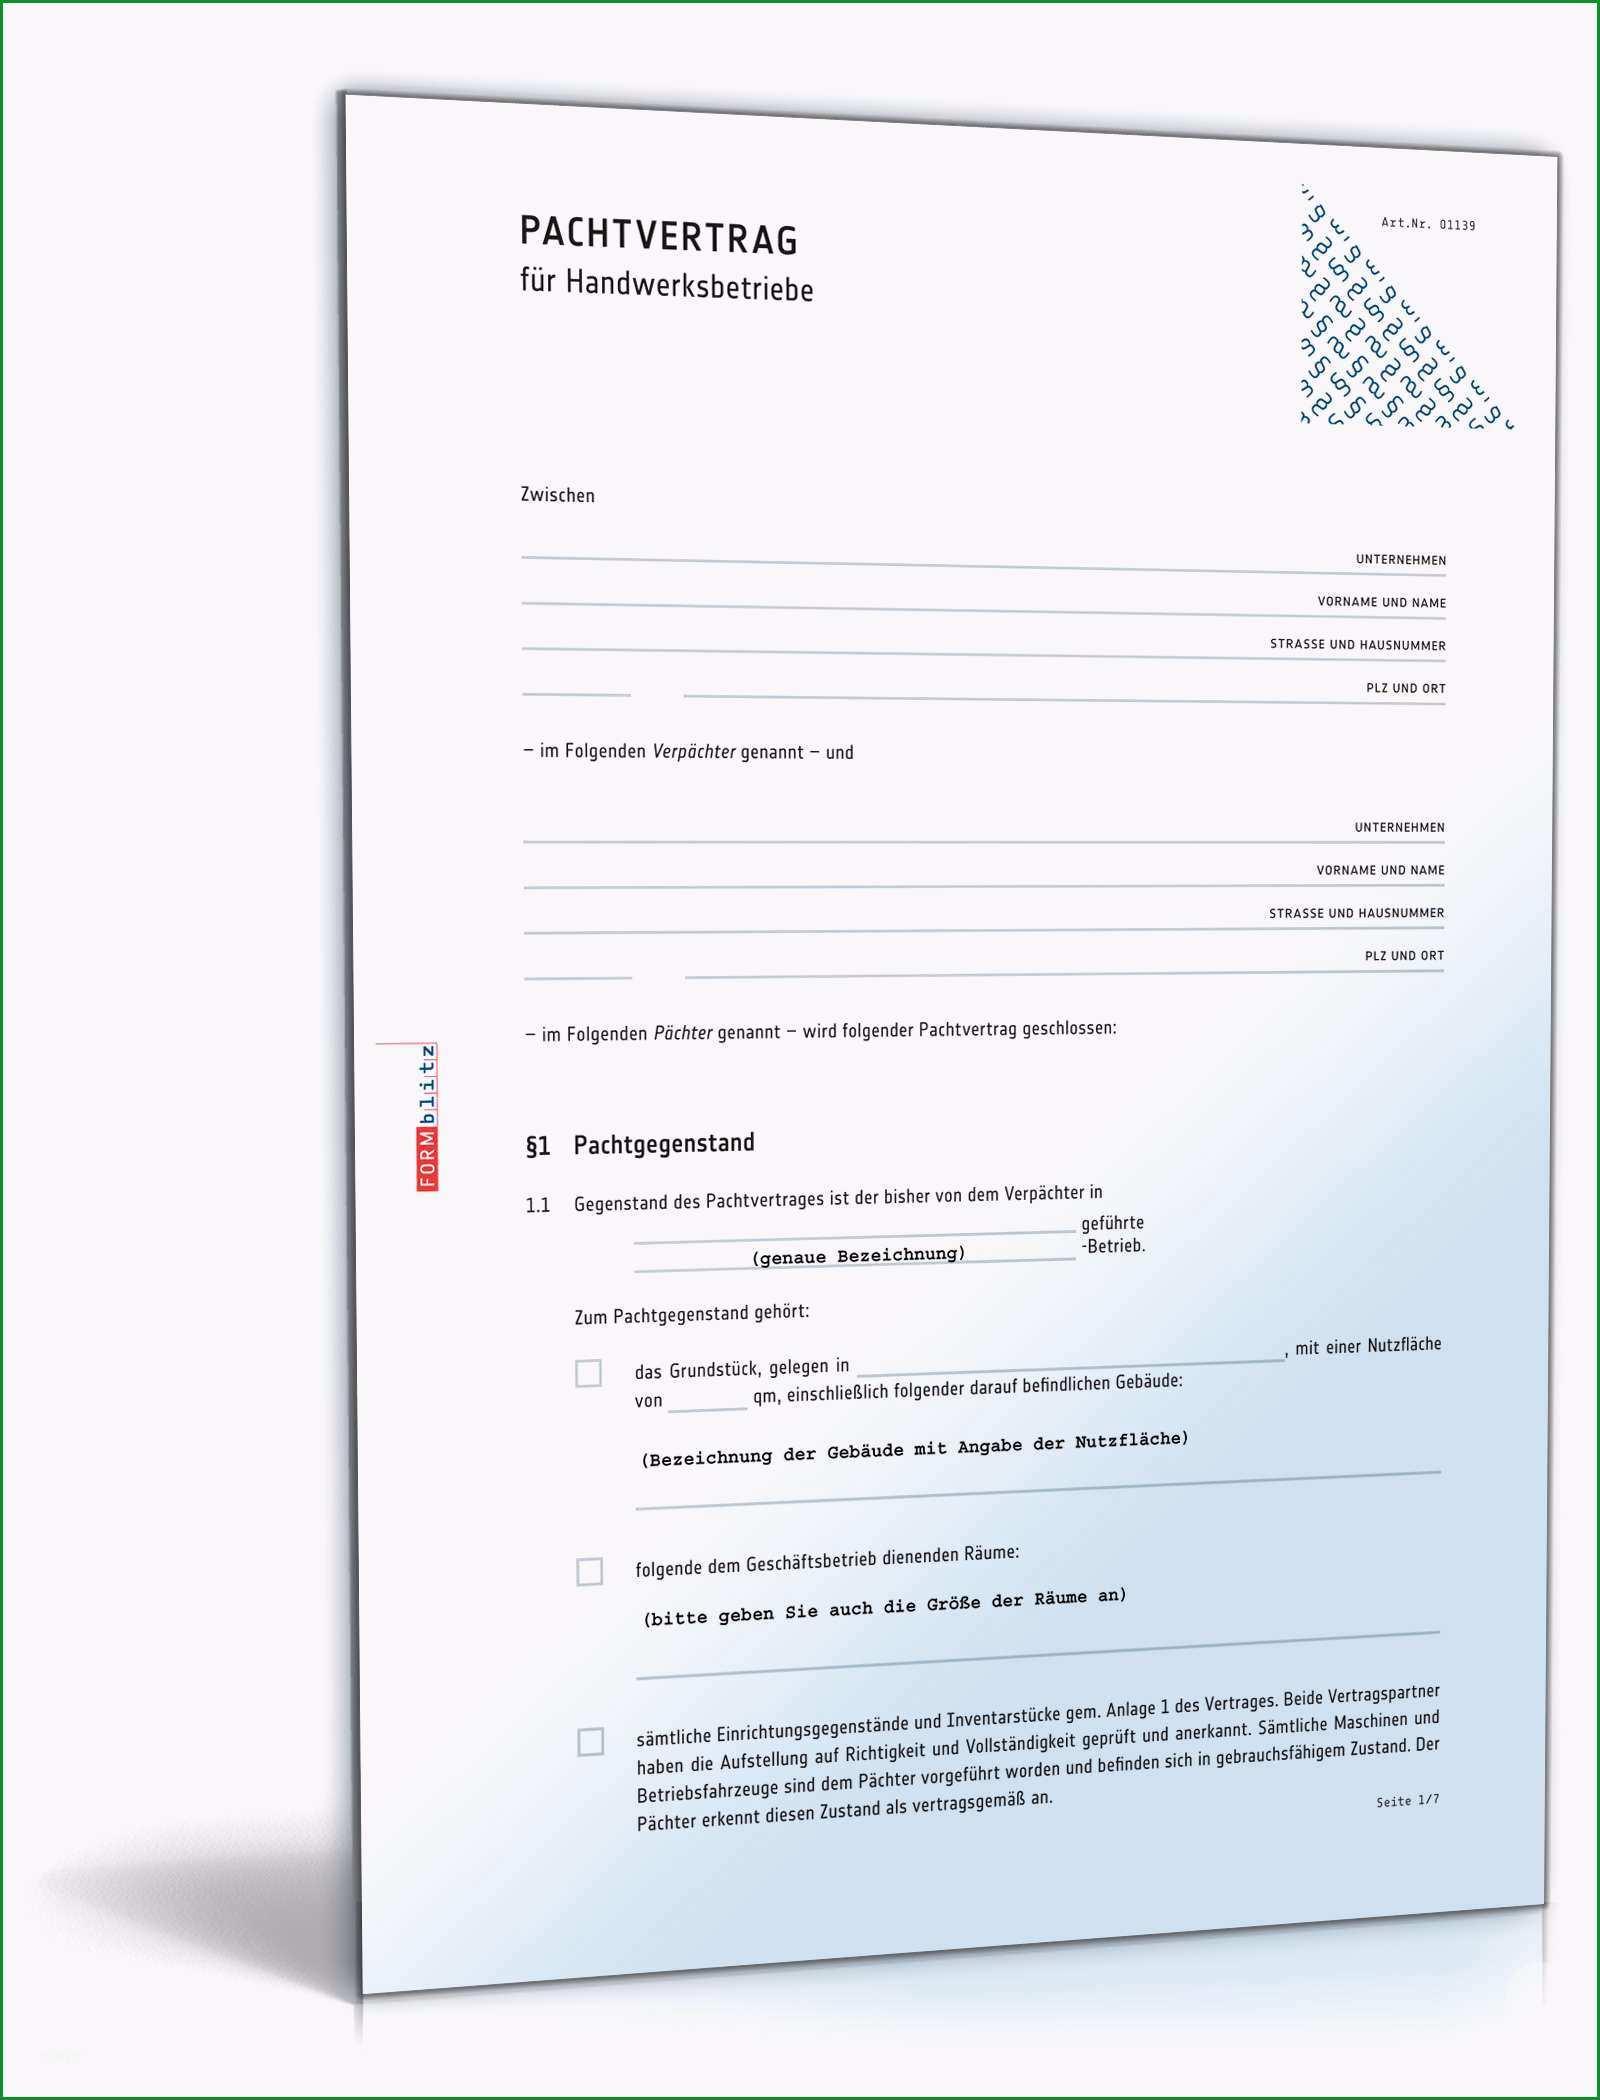 pachtvertrag handwerksbetrieb